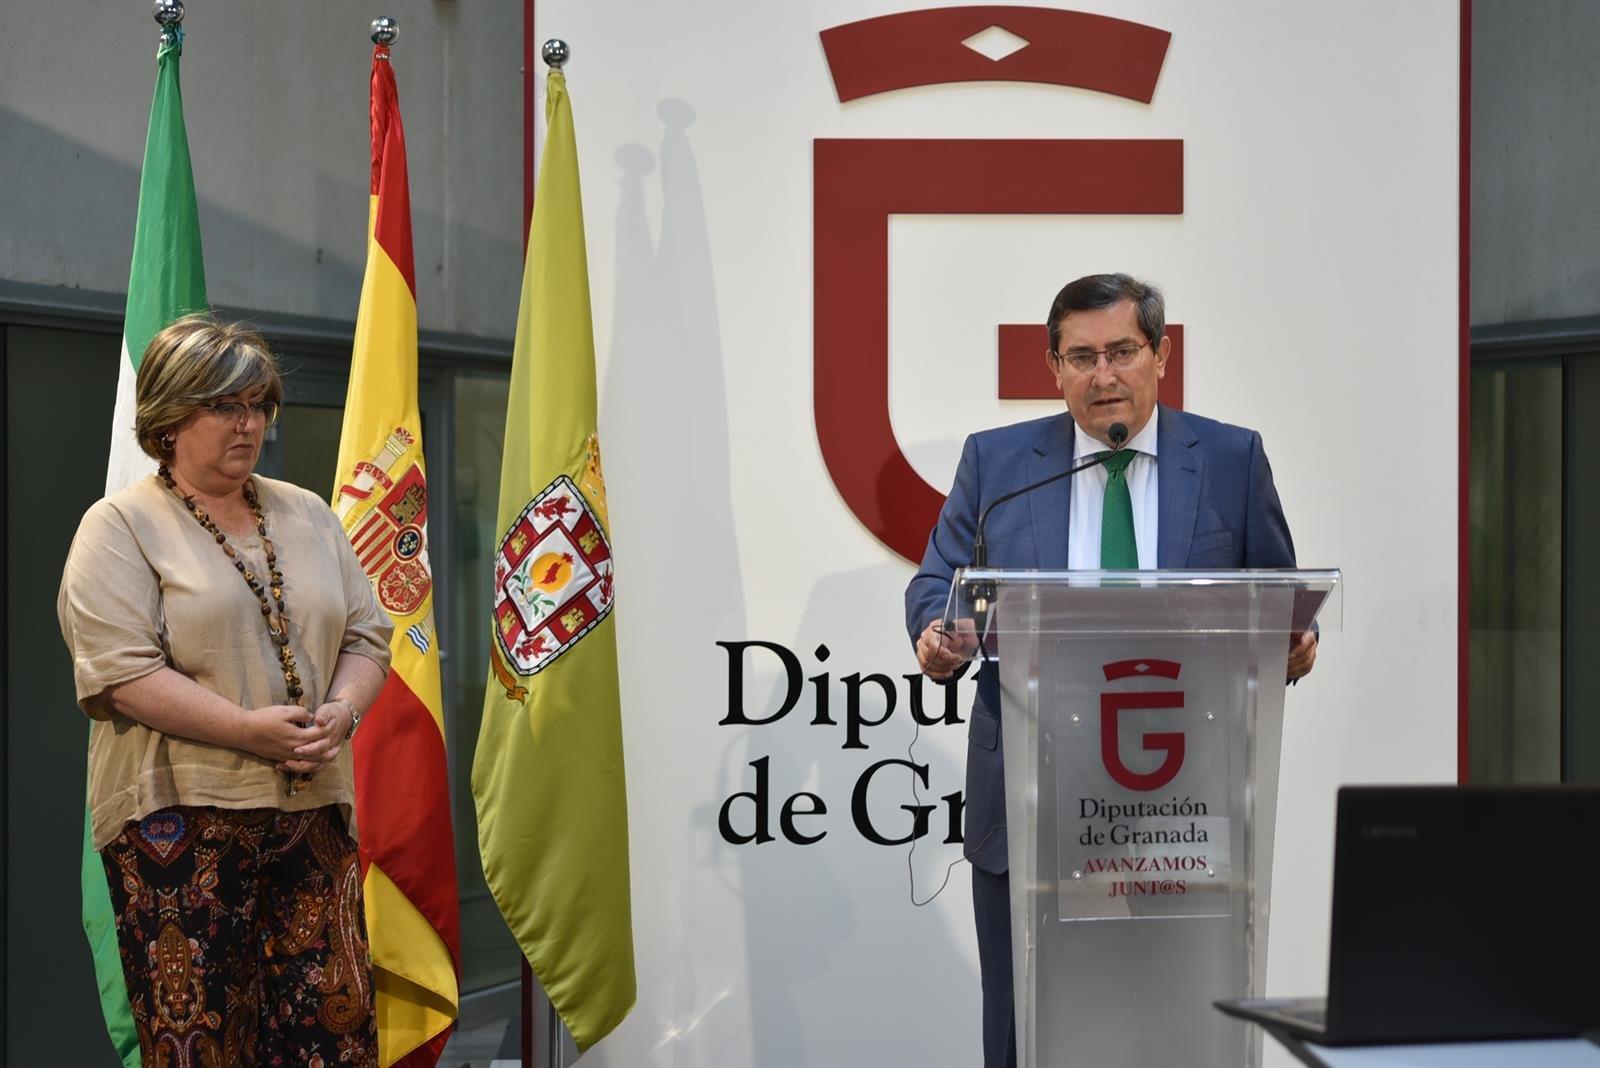 La Diputación aumenta un 40 por ciento las ayudas a proyectos para impulsar el desarrollo socioeconómico